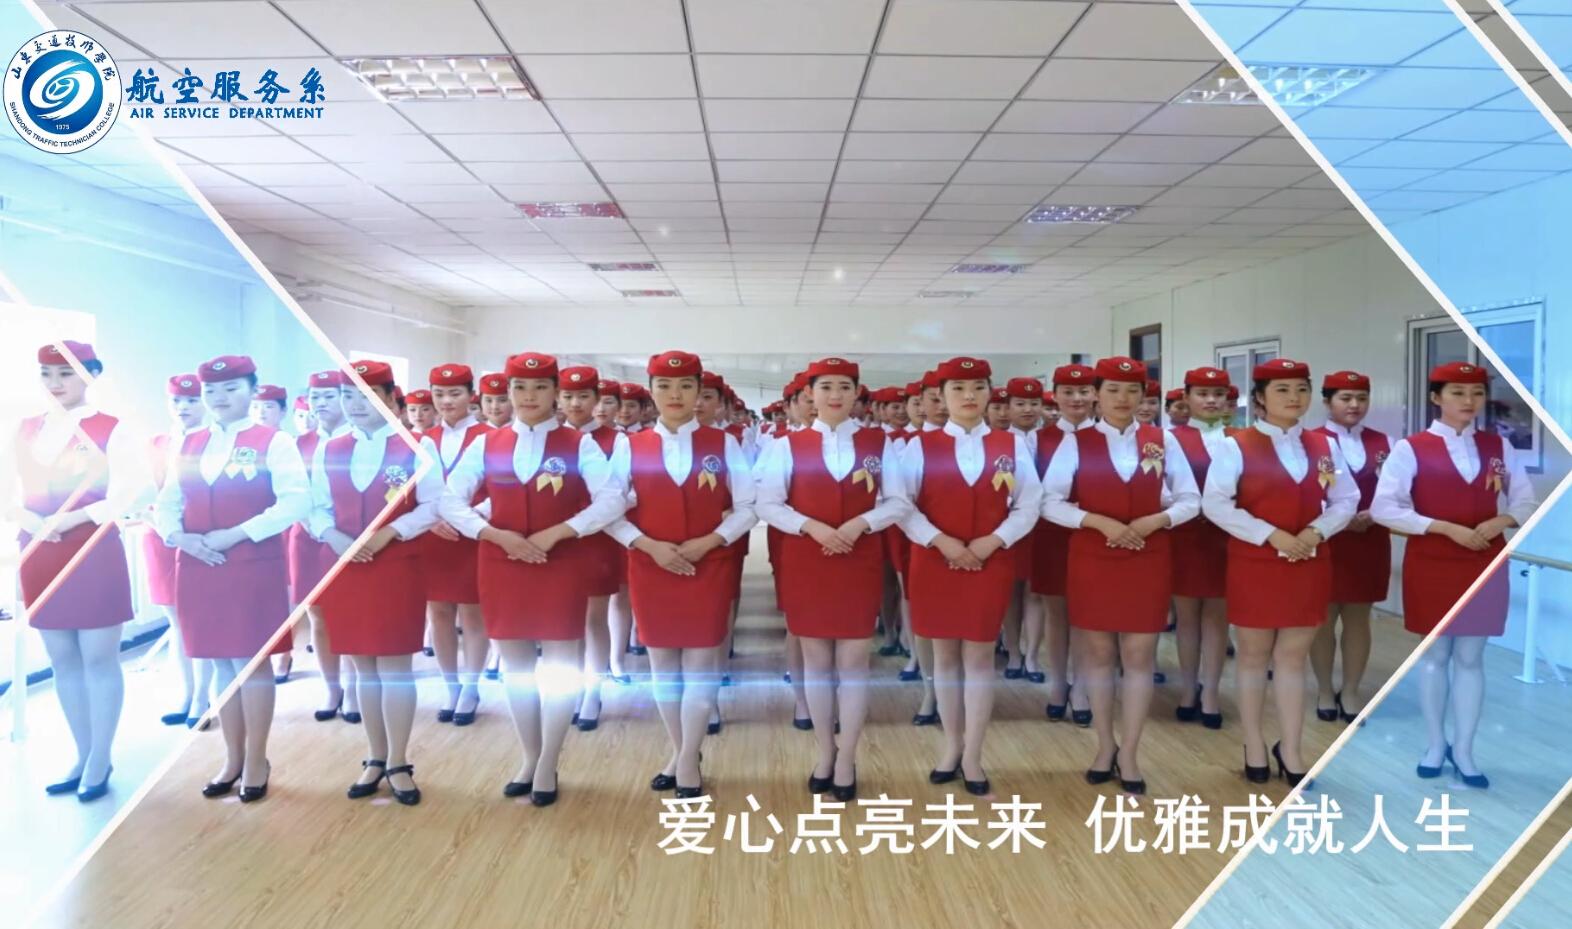 山东交通技师学院航空服务系宣传片